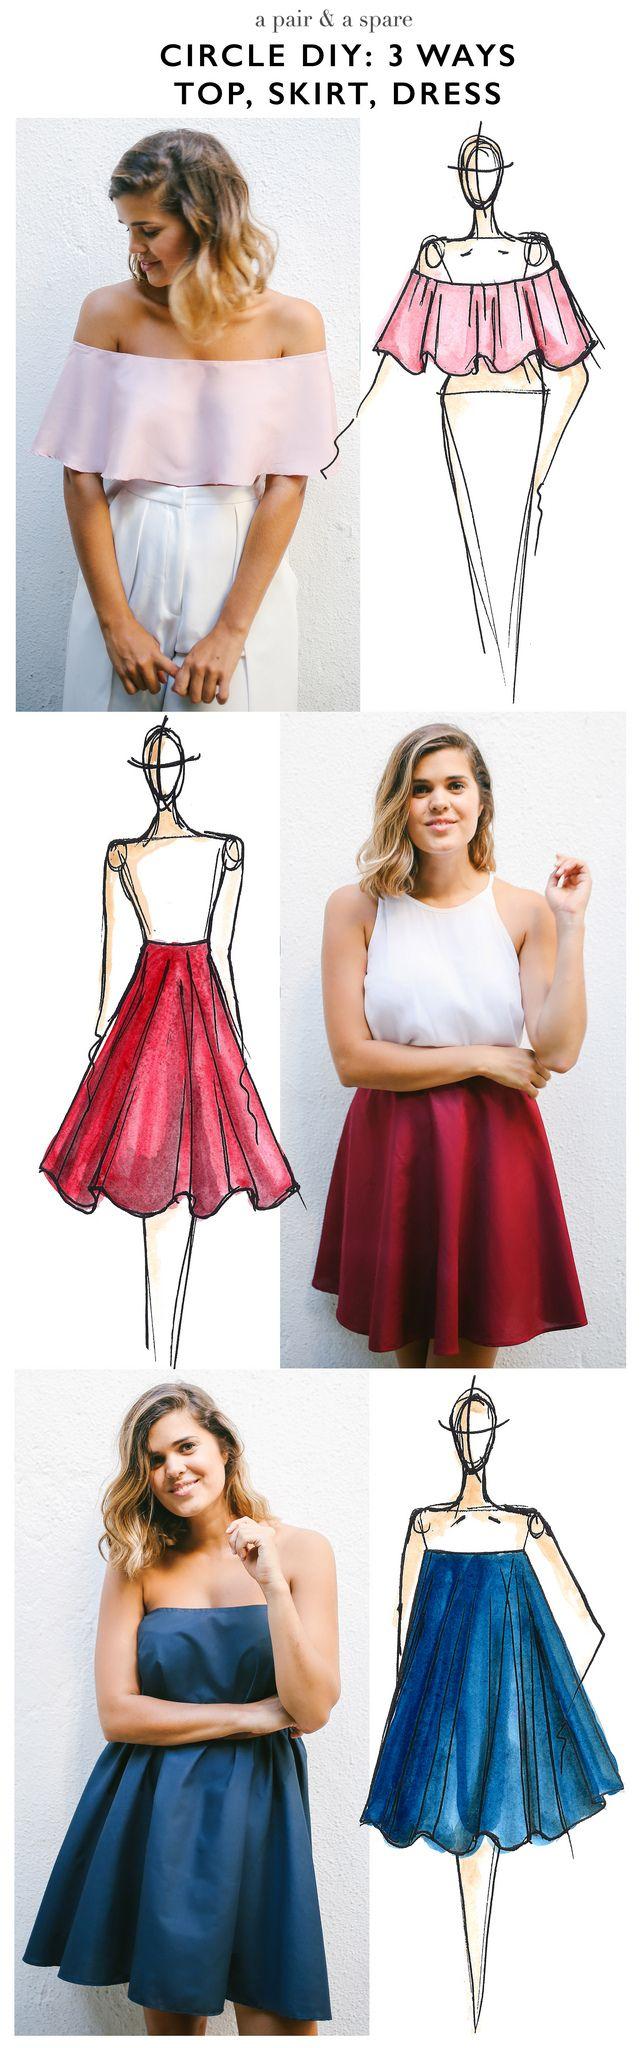 Círculo de bricolaje Tres maneras, Top, Falda y vestido